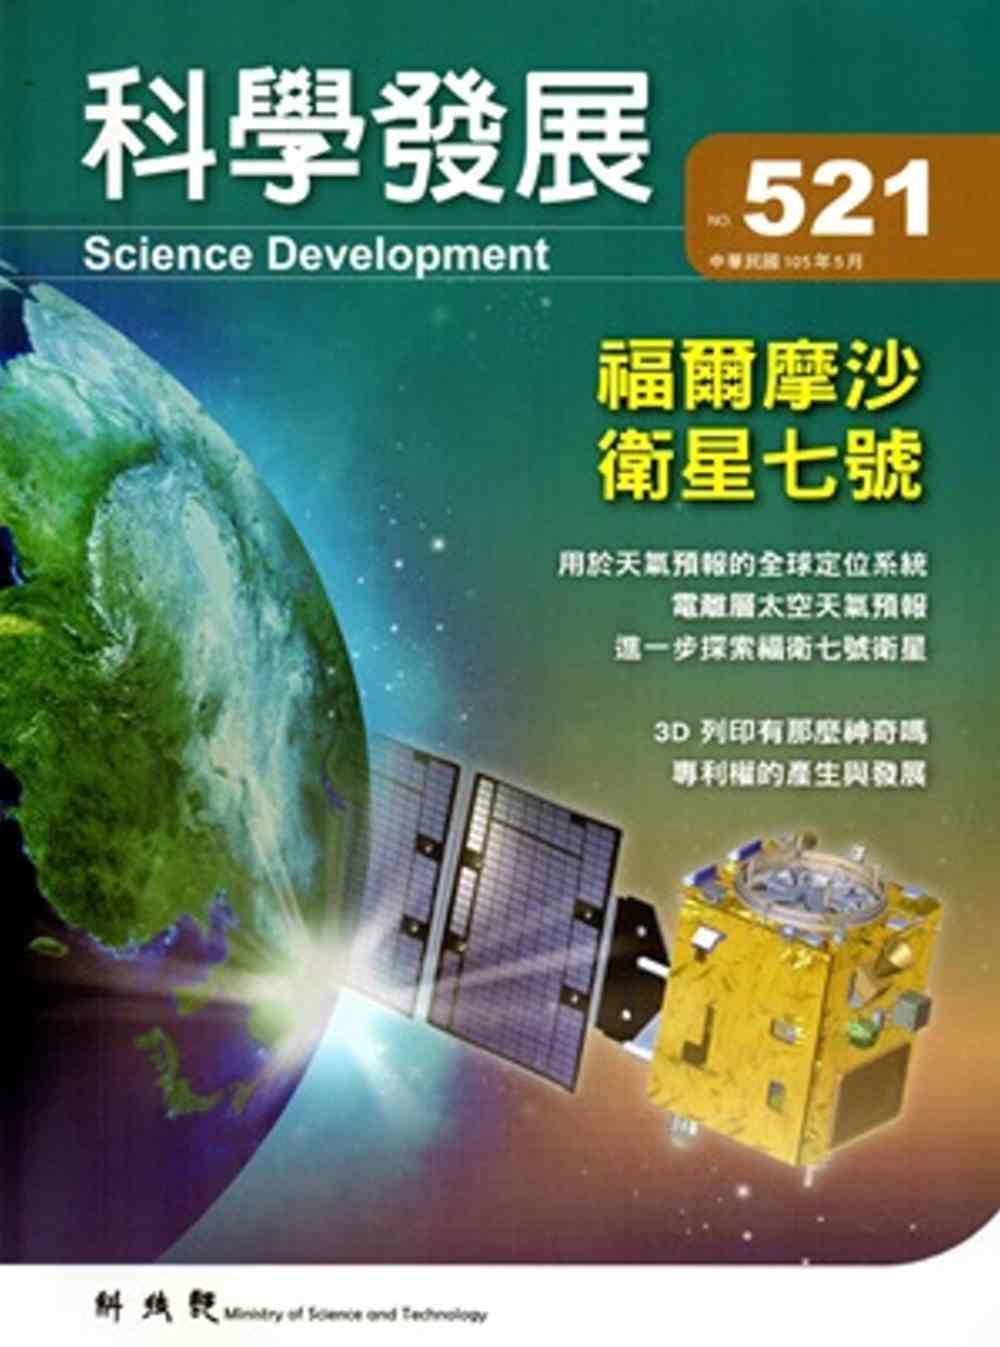 科學發展月刊第521期 105 05